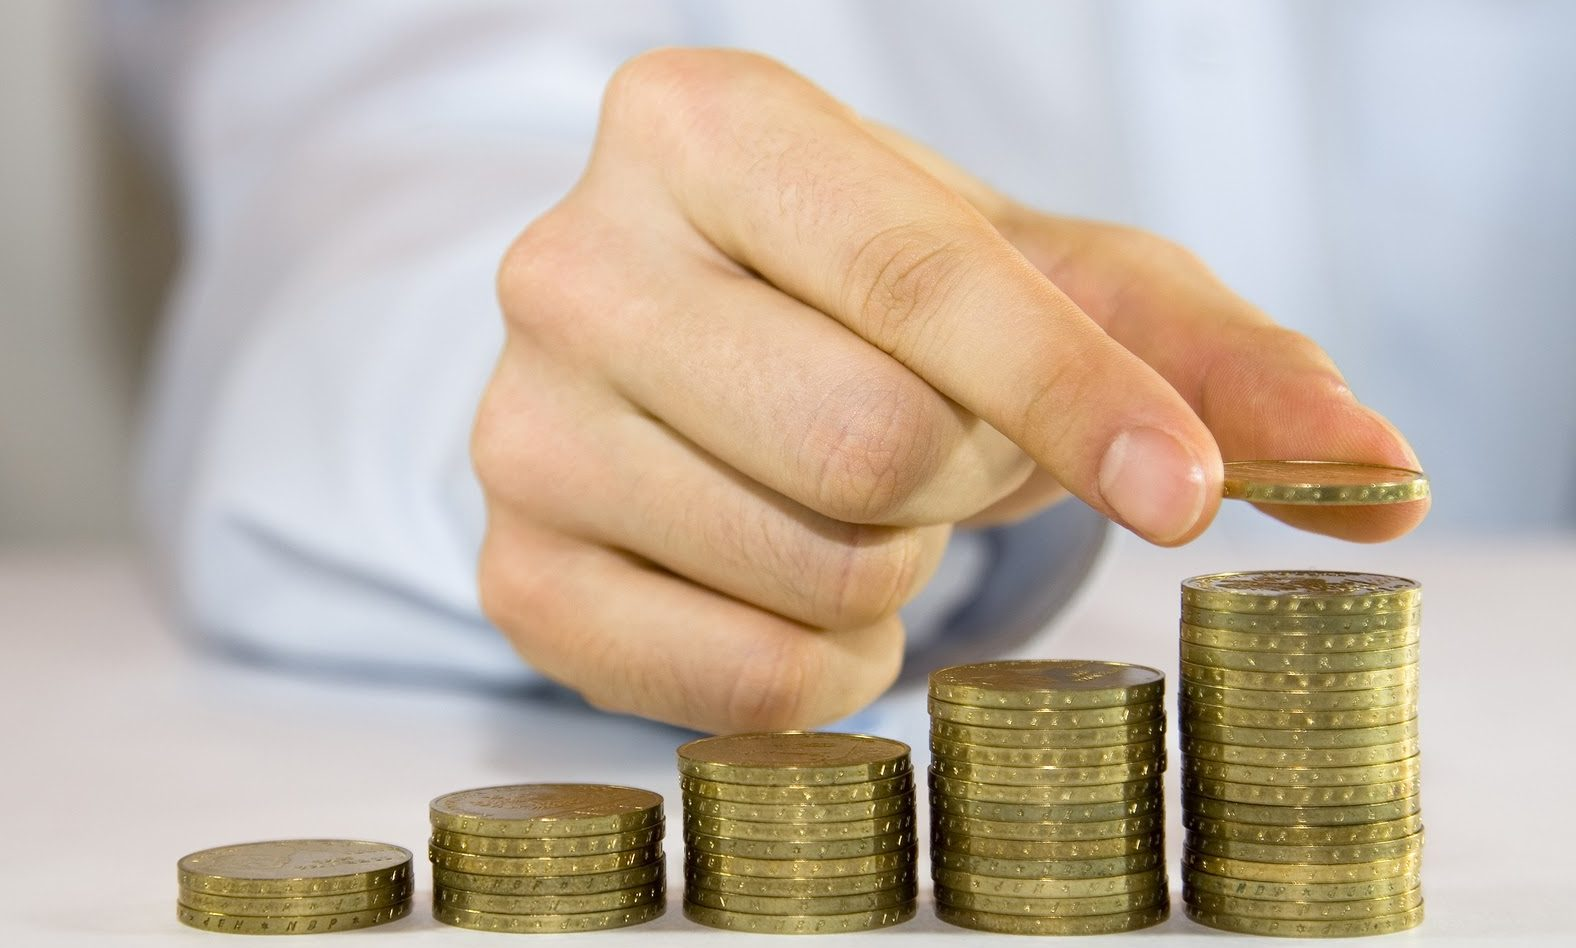 sok pénzt keresni otthon)